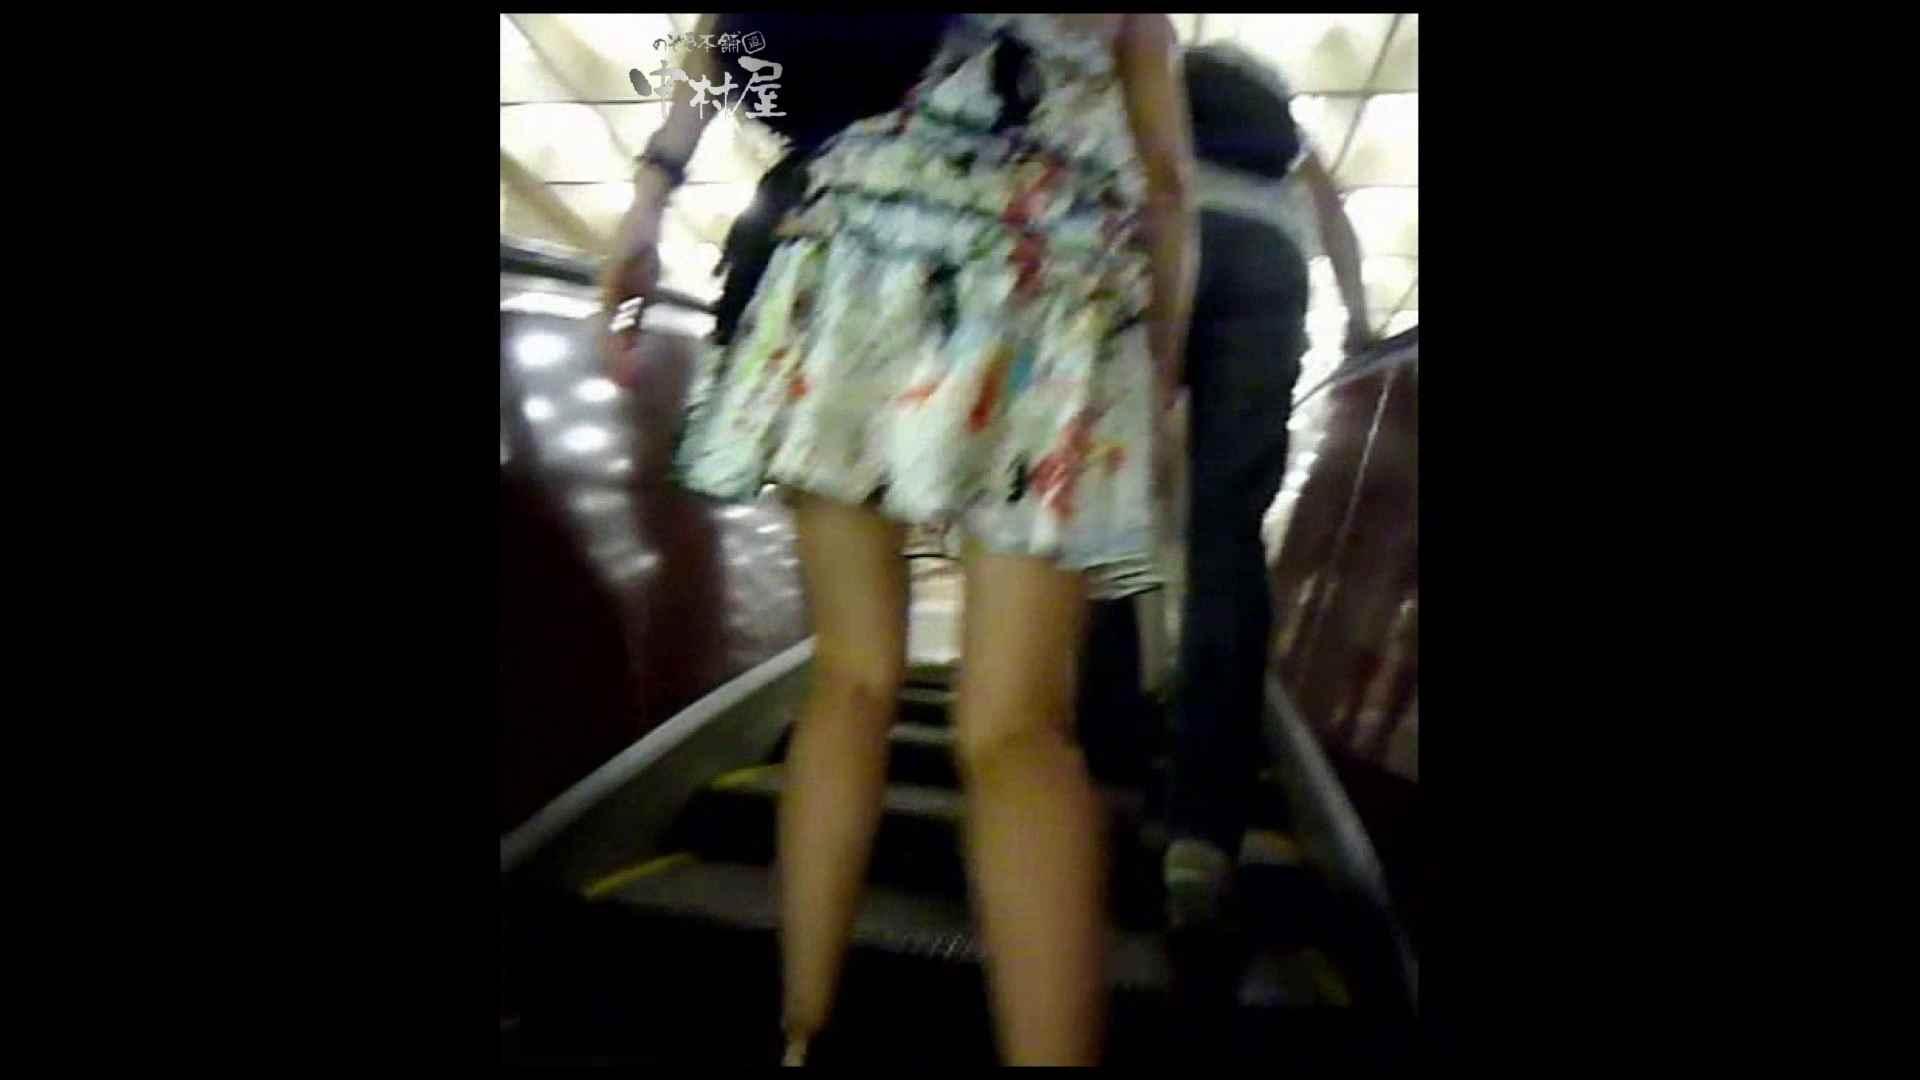 綺麗なモデルさんのスカート捲っちゃおう‼ vol30 お姉さんハメ撮り  109Pix 26